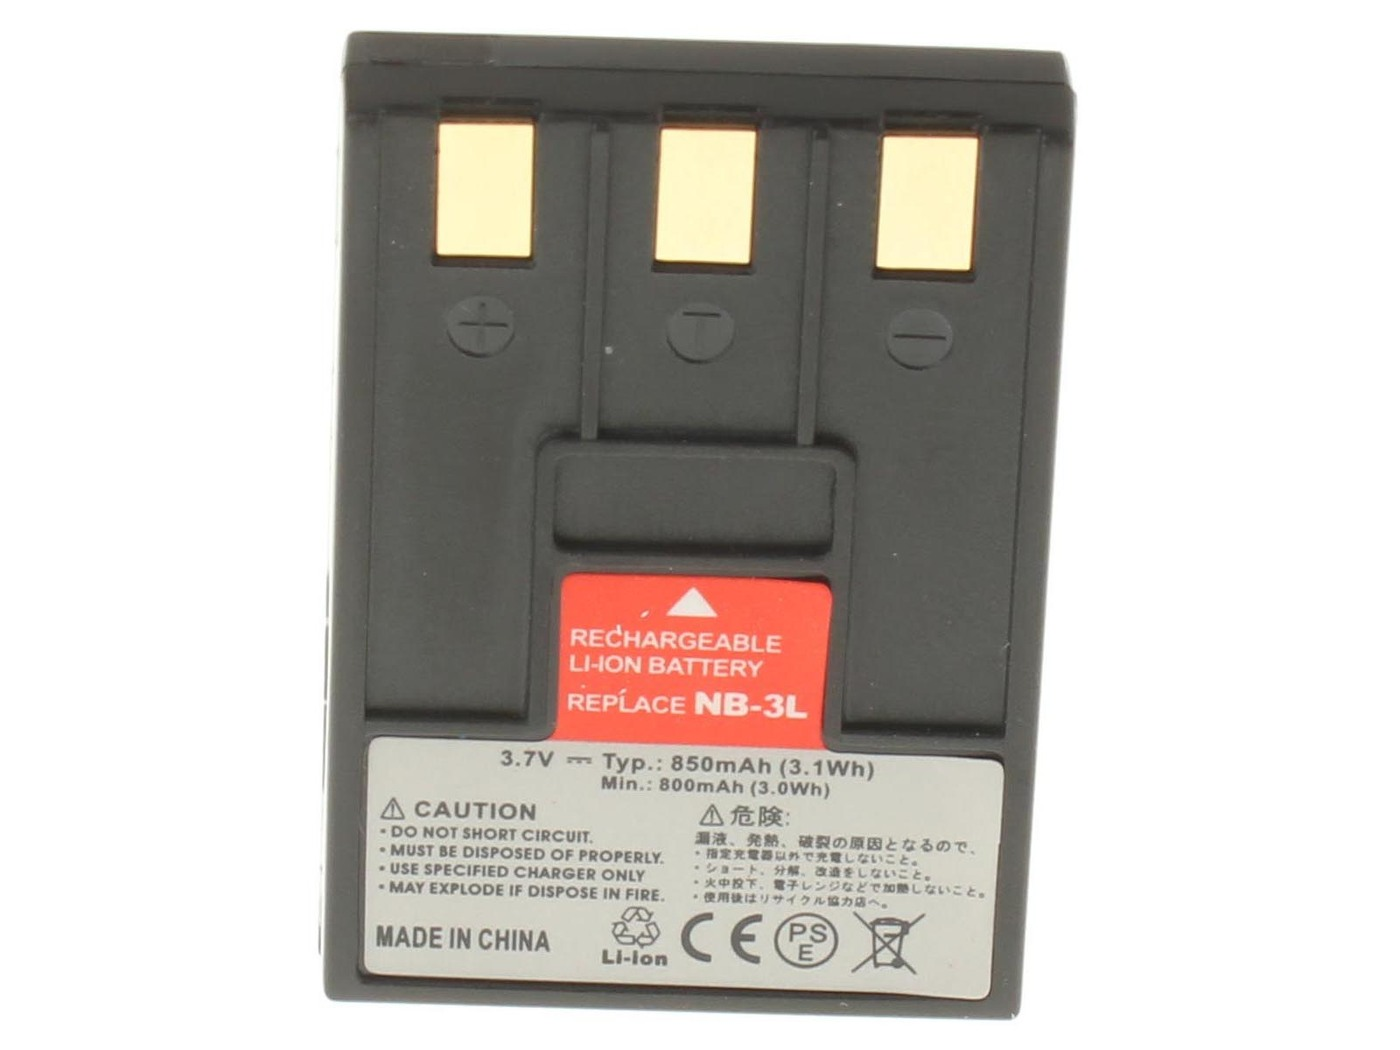 Аккумуляторная батарея iBatt iB-T1-F118 850mAh для камер Canon Digital IXUS i, Digital IXUS 750, Digital IXUS 700, PowerShot SD550, Digital IXUS i5, Digital IXUS II, PowerShot SD500, Digital IXUS IIs, PowerShot SD10,